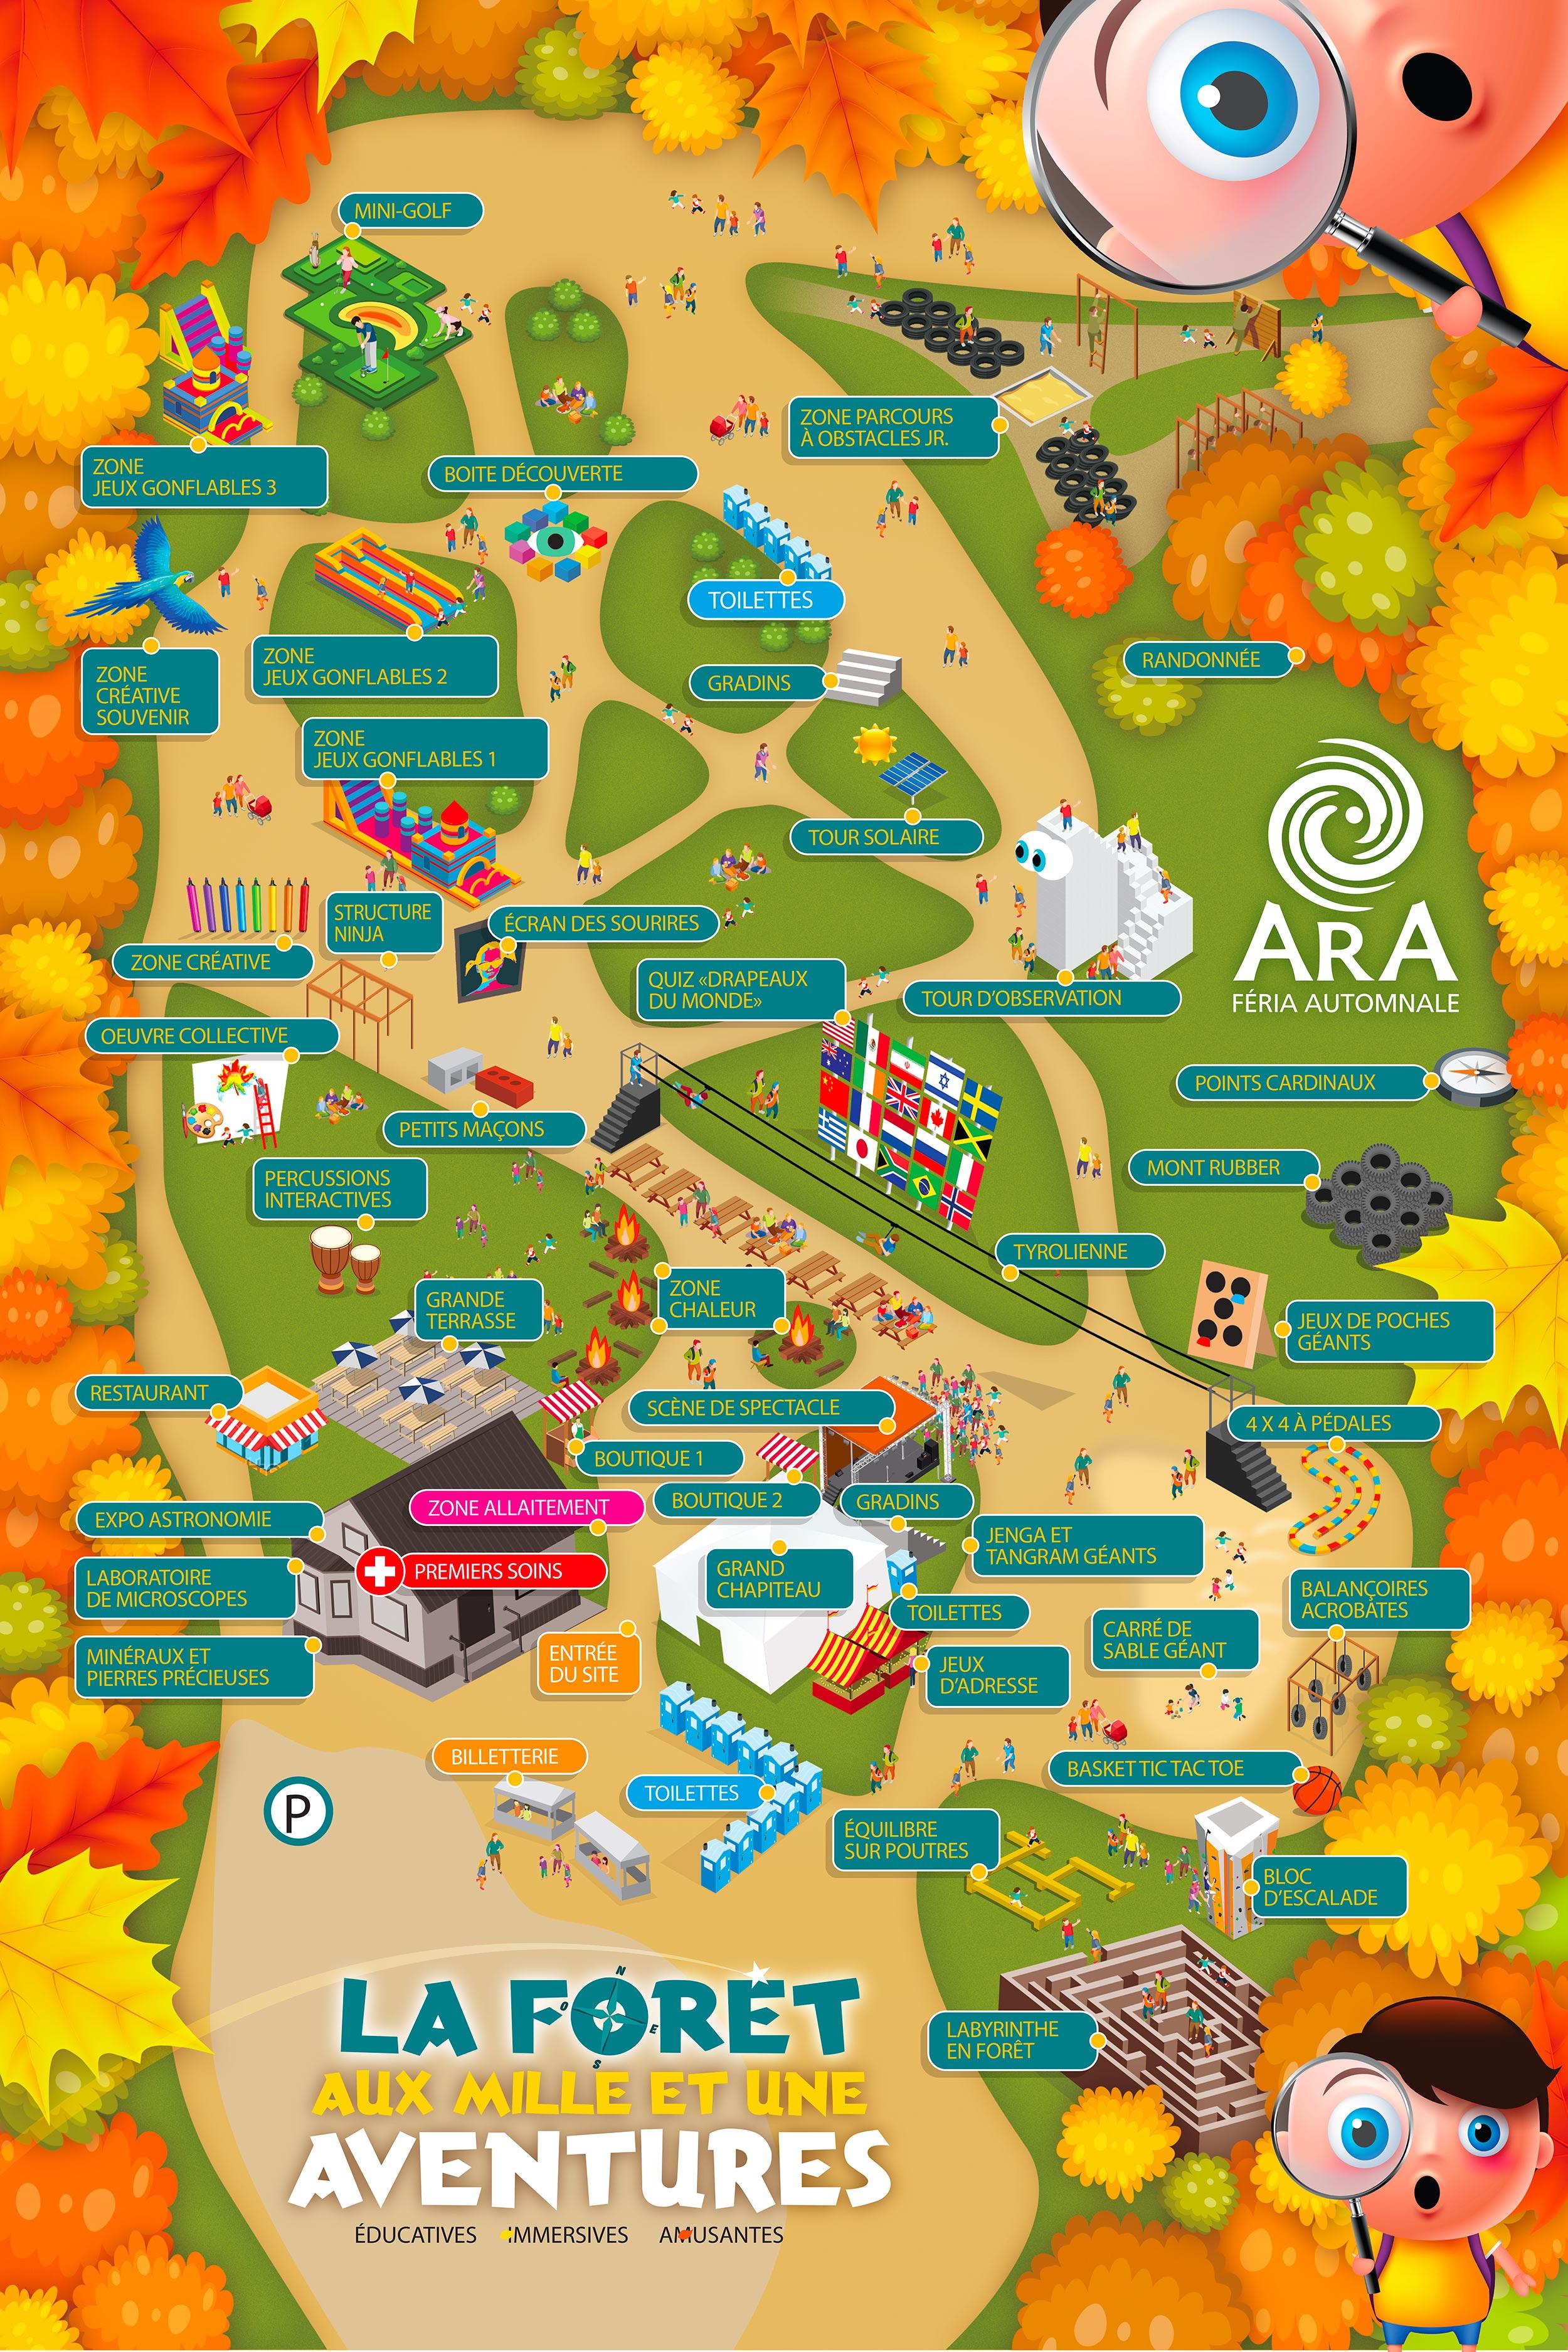 Carte site Ara-Féria